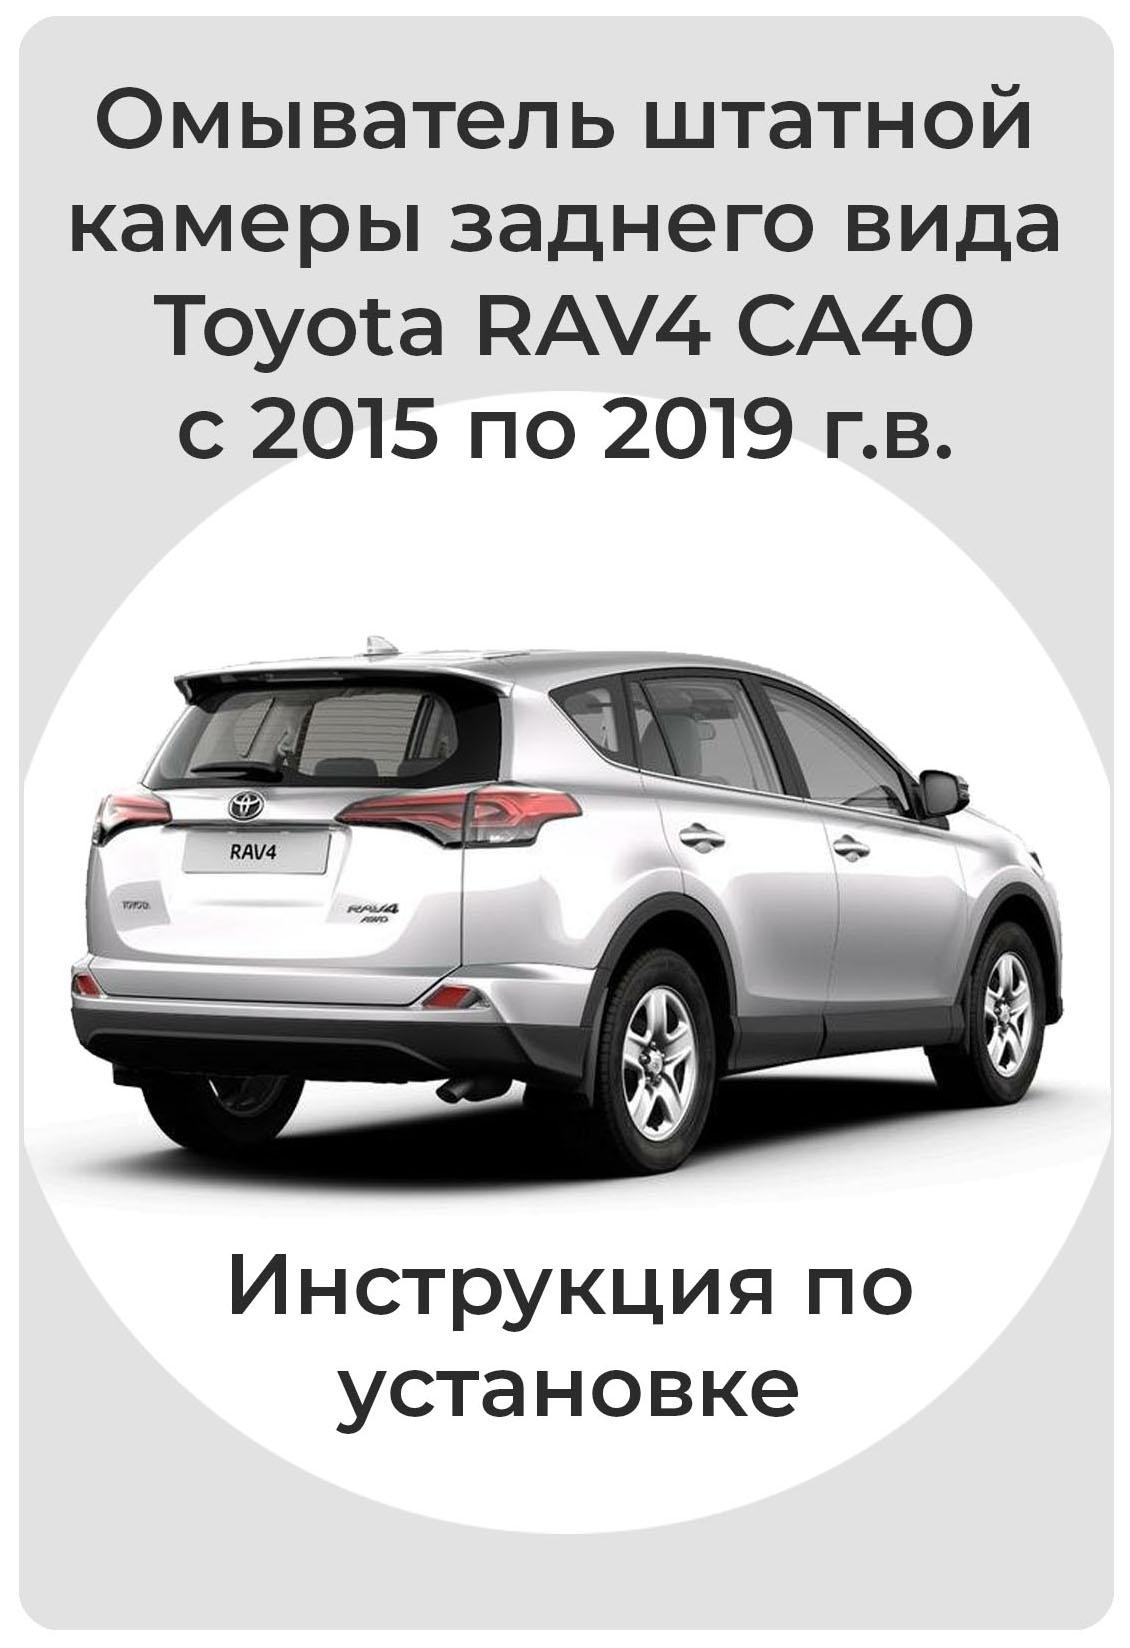 Инструкция к омыватель камеры заднего вида Toyota RAV4